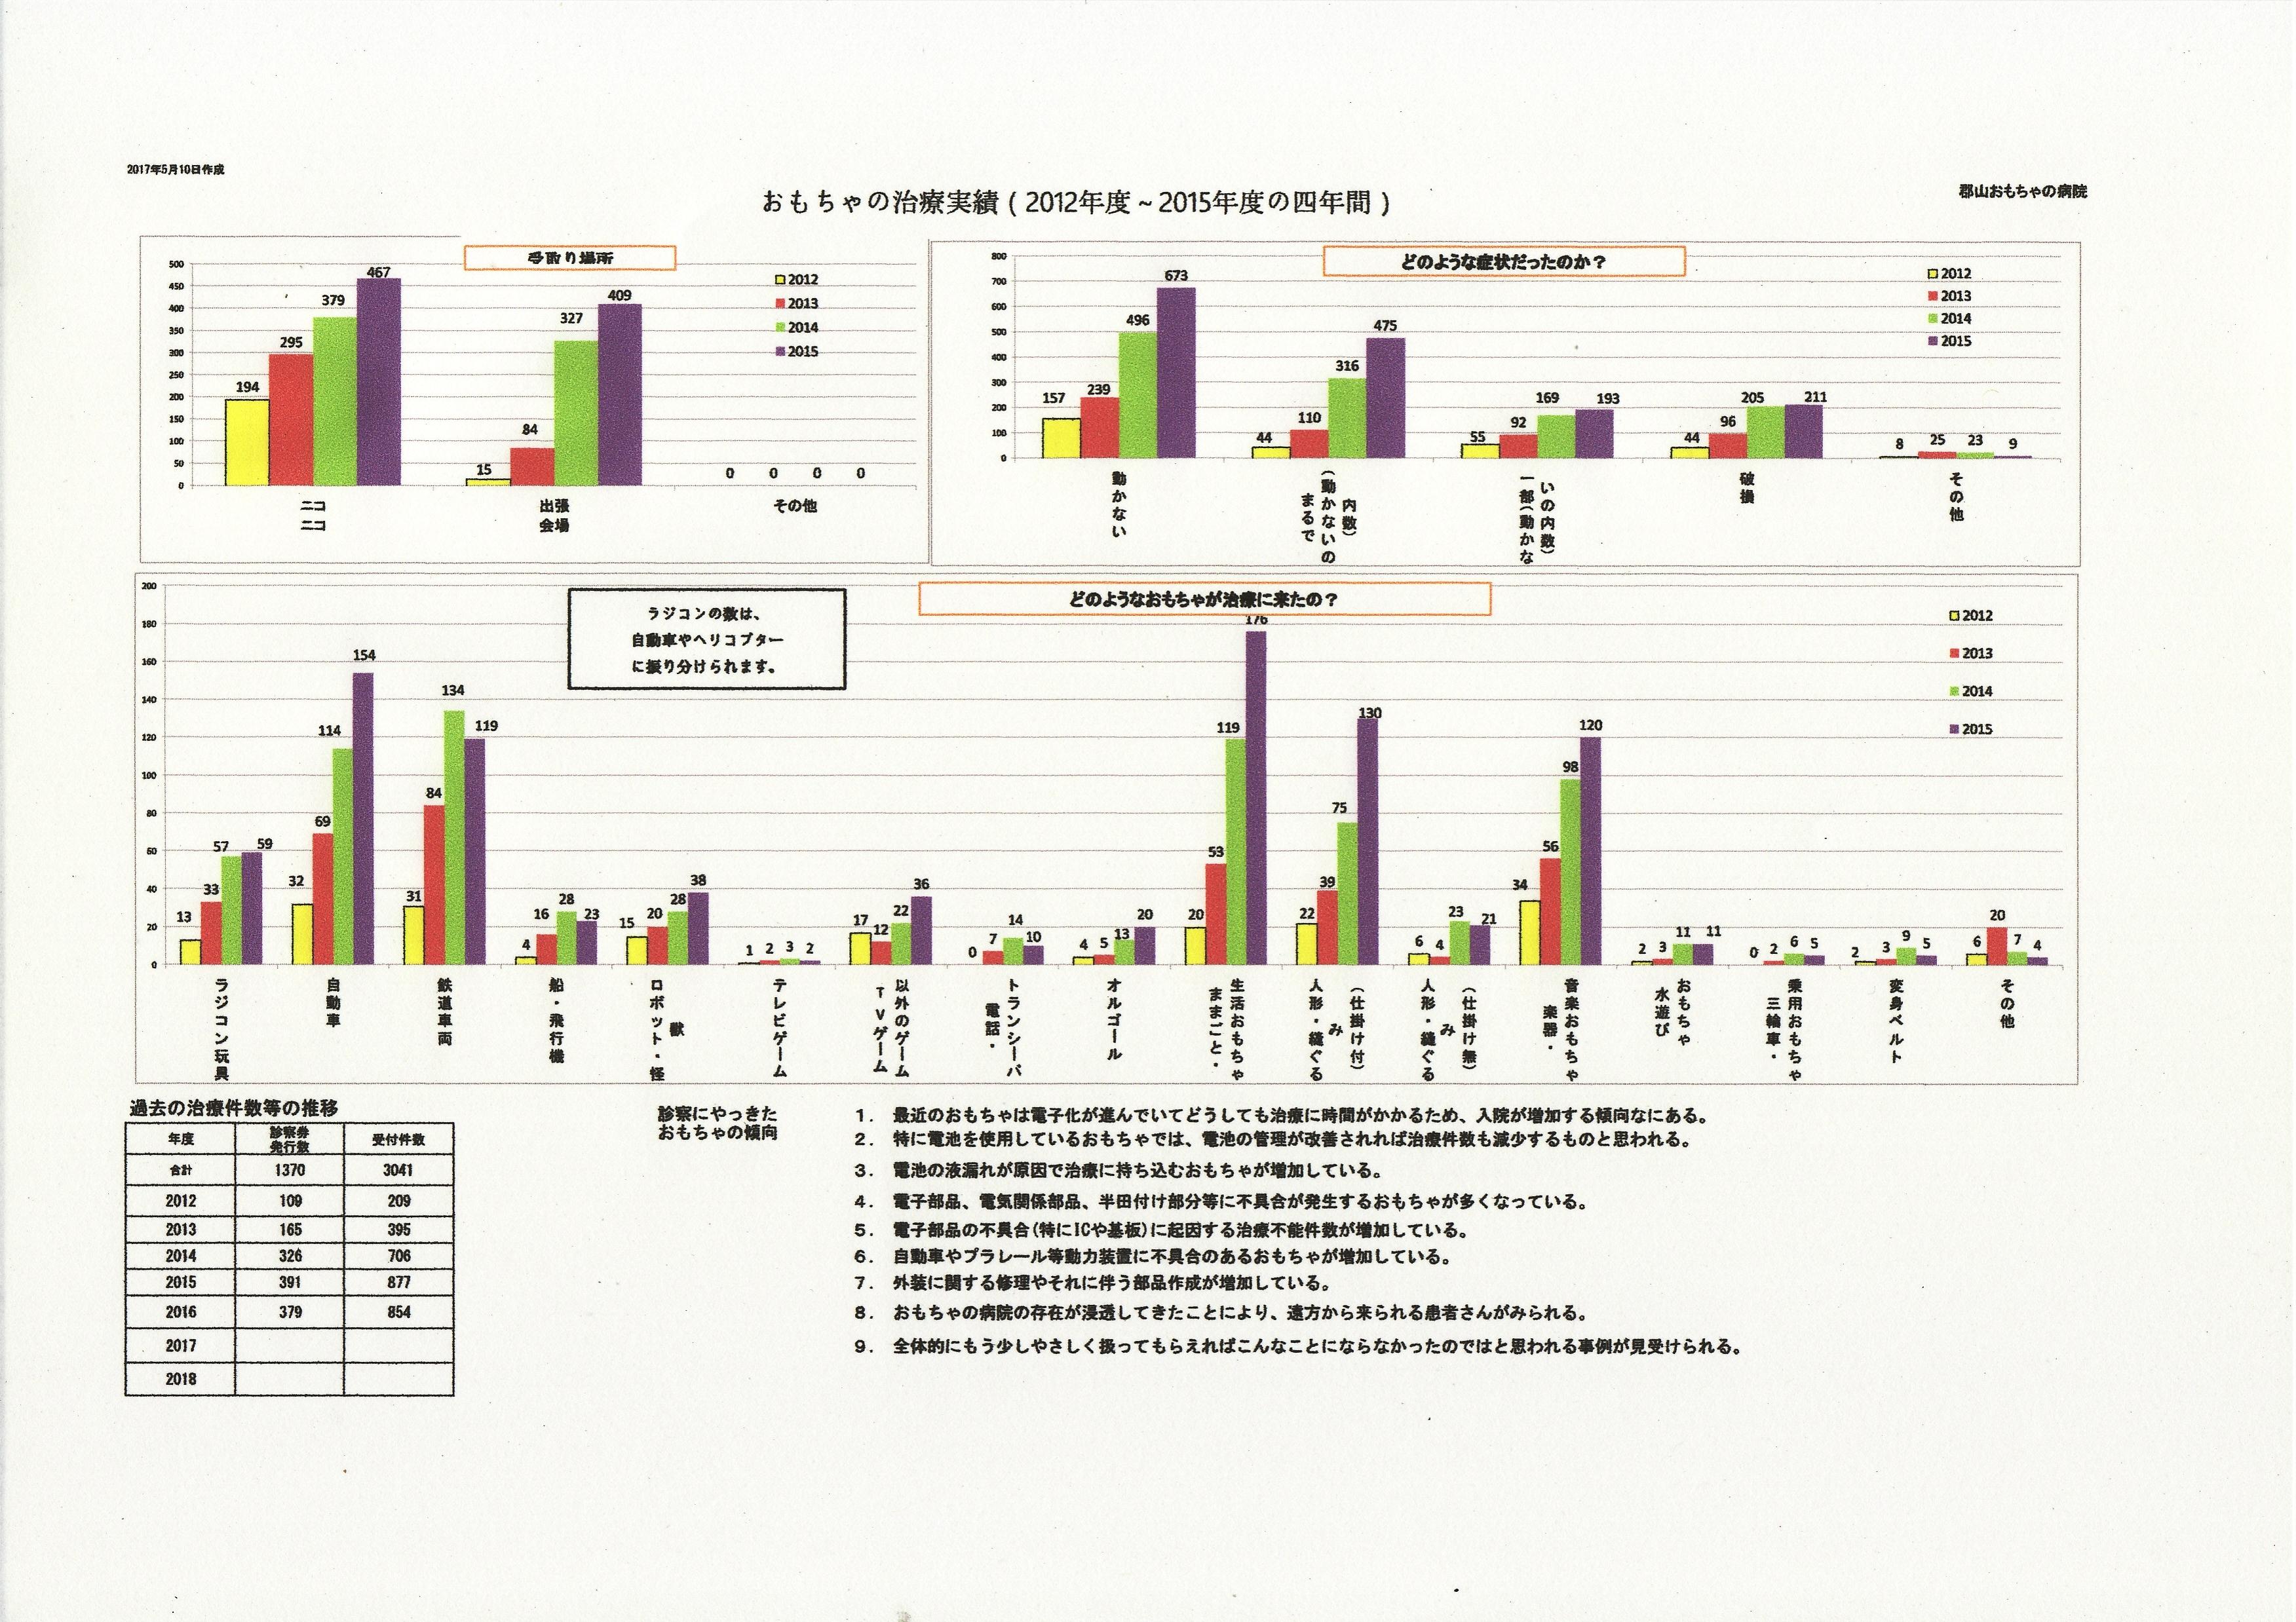 12_15 グラフ1